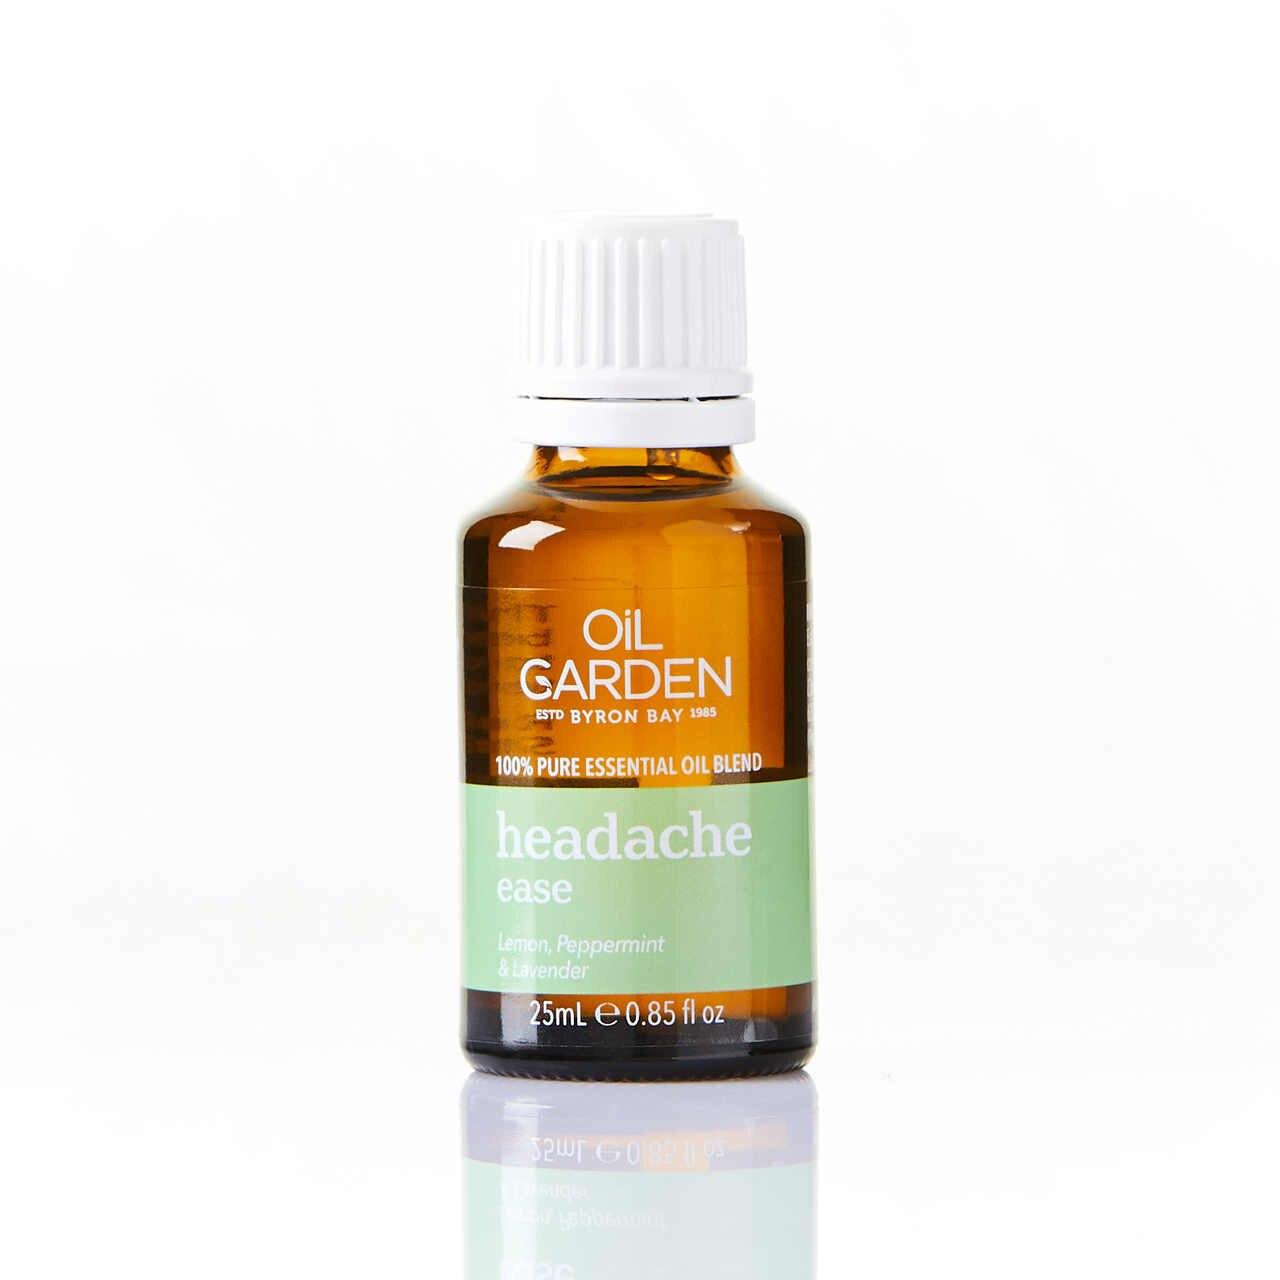 Oil Garden Headache Ease Essential Oil Blend 25mL 6691344